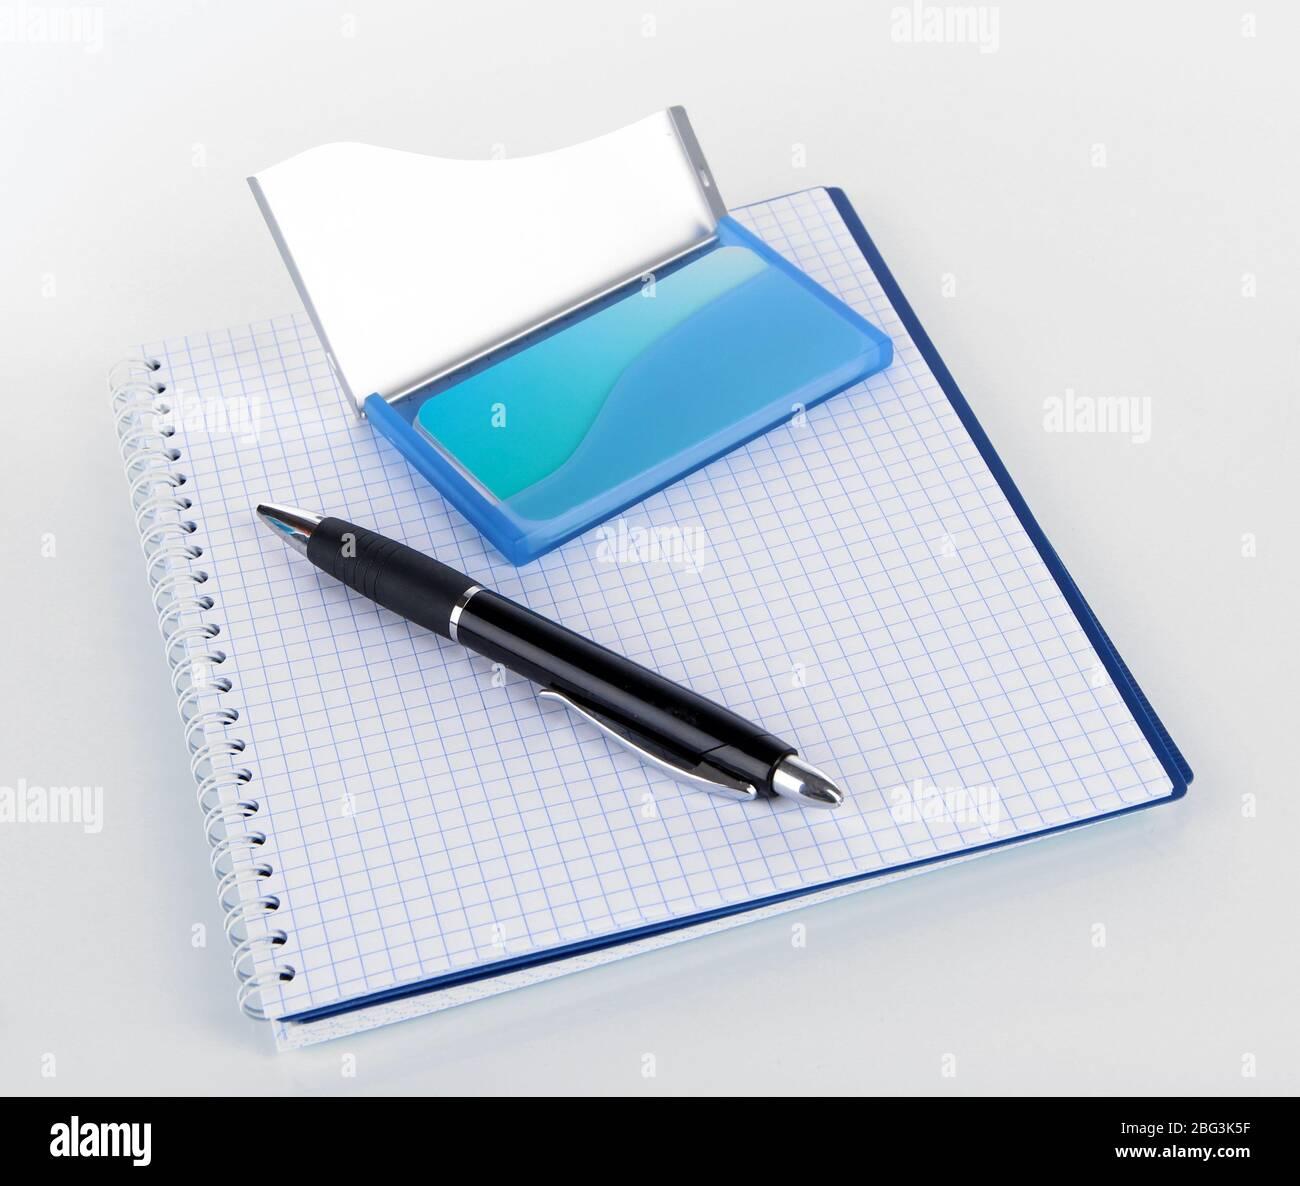 Support de carte de visite bleu, ordinateur portable et stylo isolé sur blanc Banque D'Images